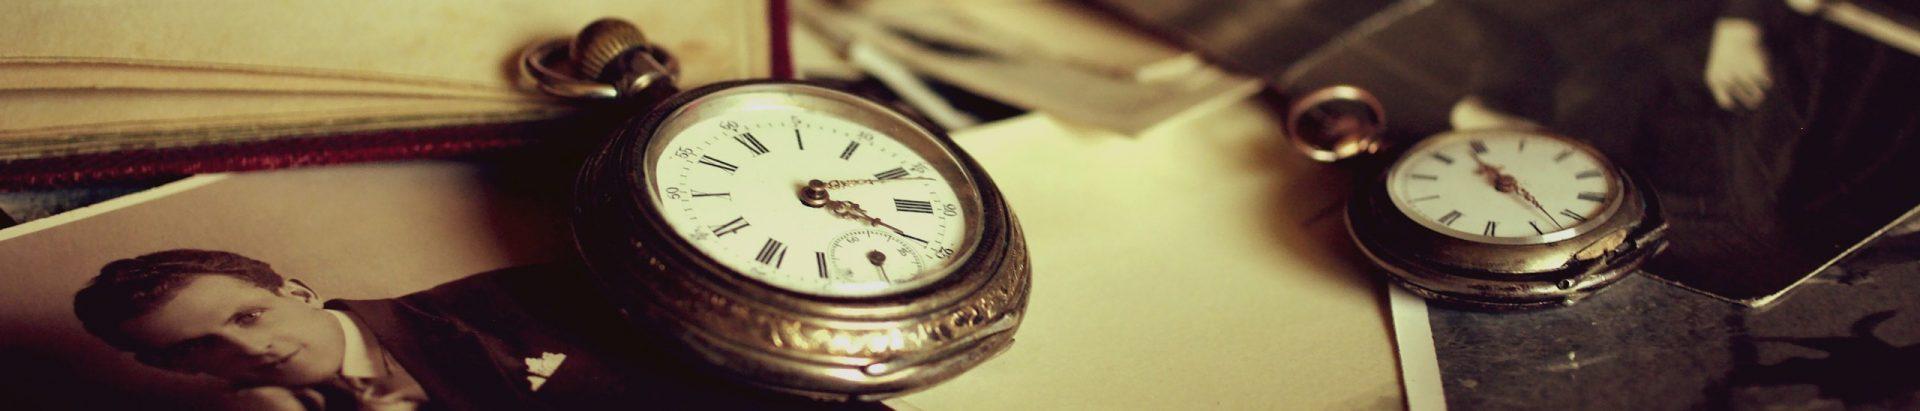 Kategória: Javítási naplók